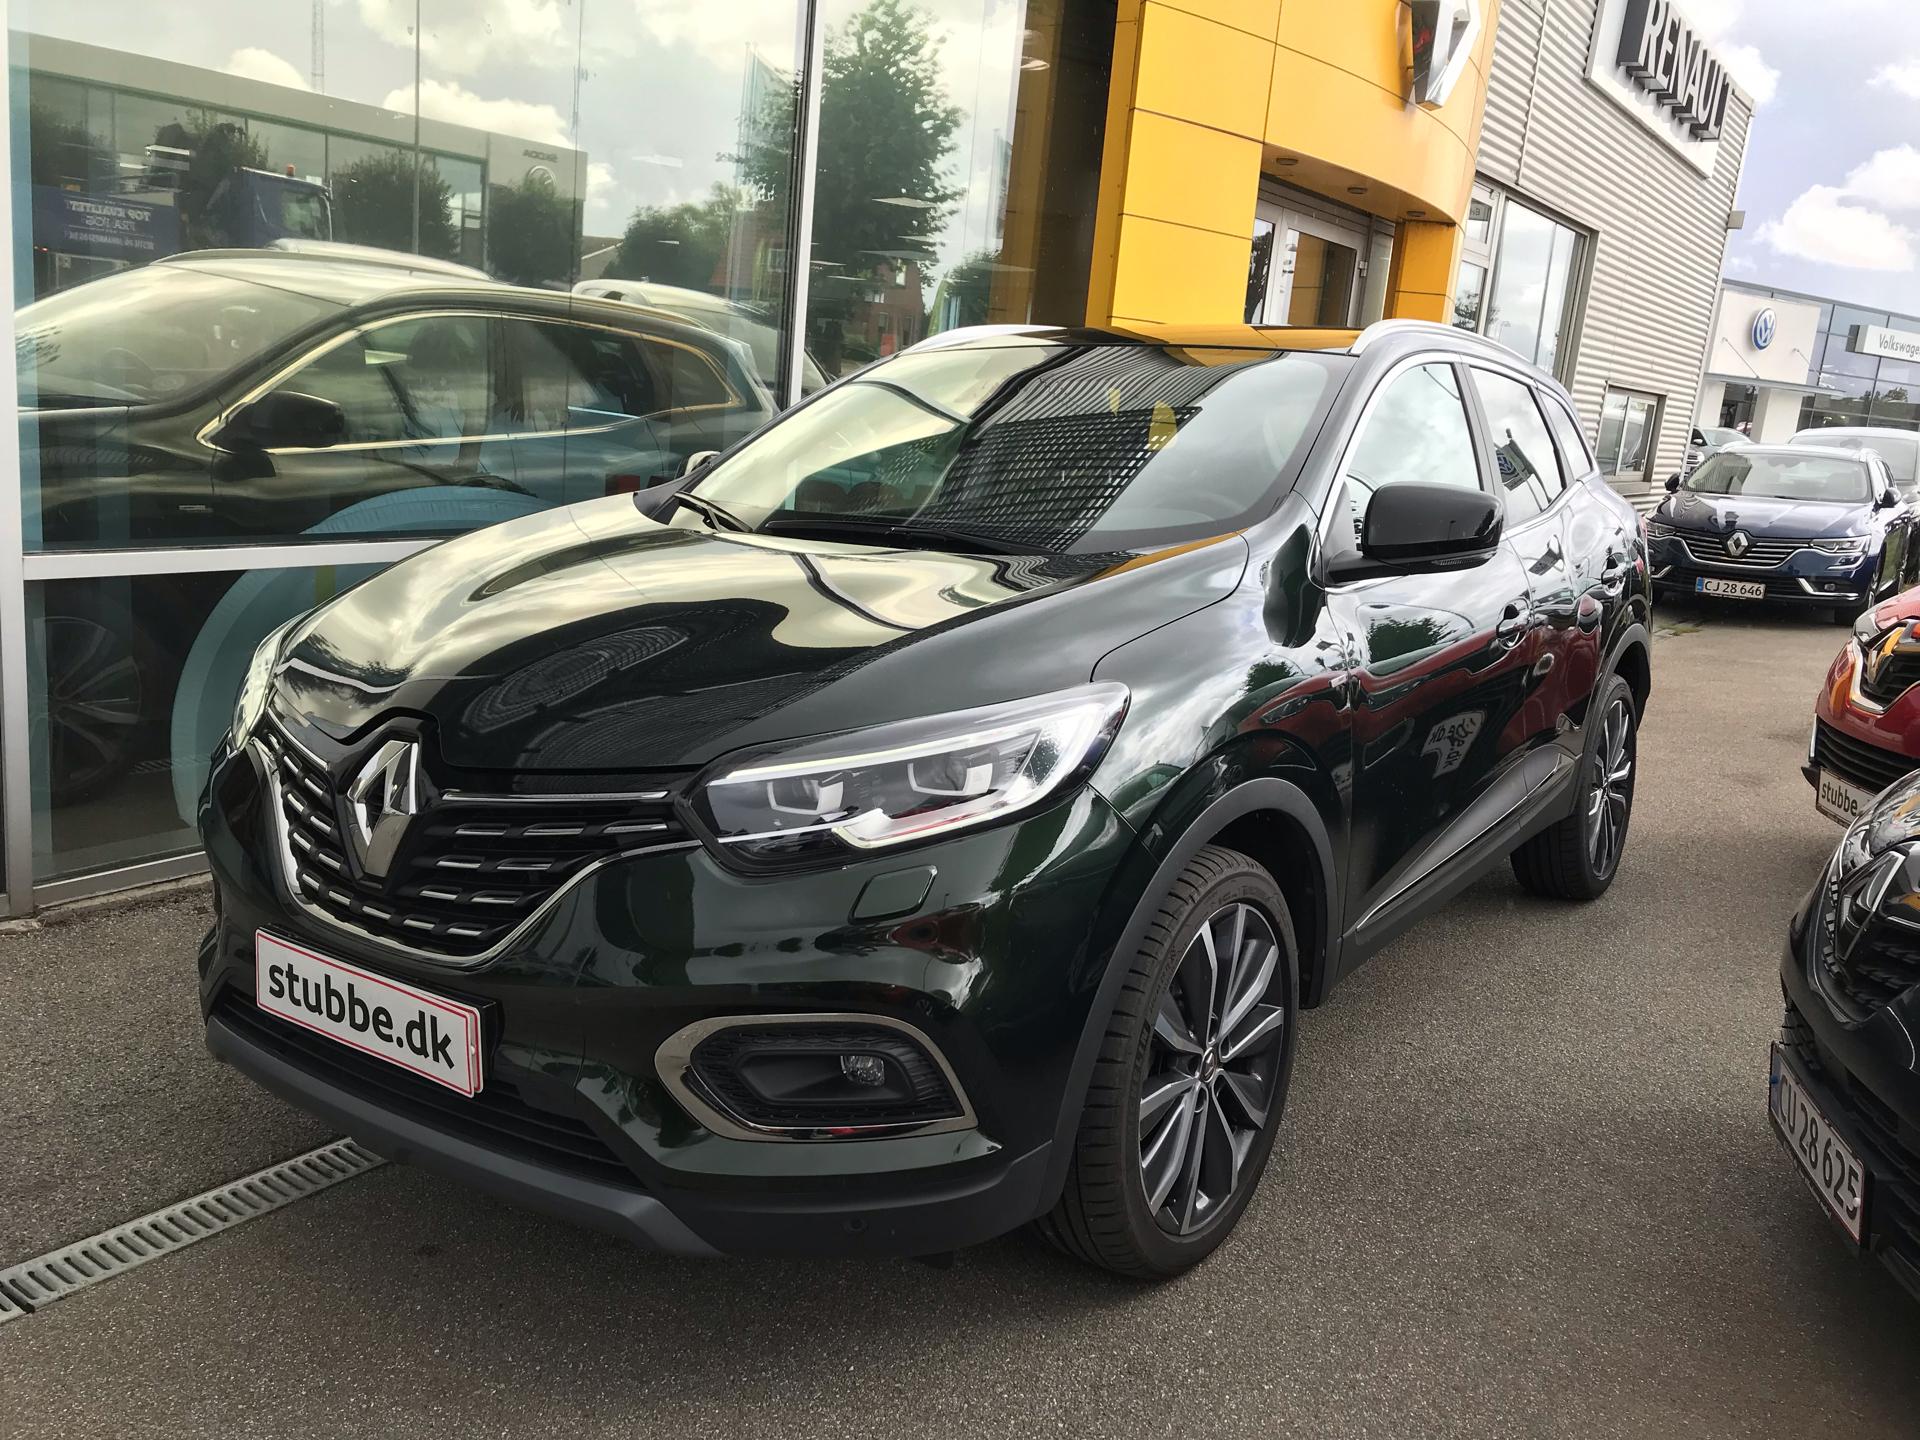 Billede af Renault Kadjar 1,3 TCE BOSE EDC 140HK 5d